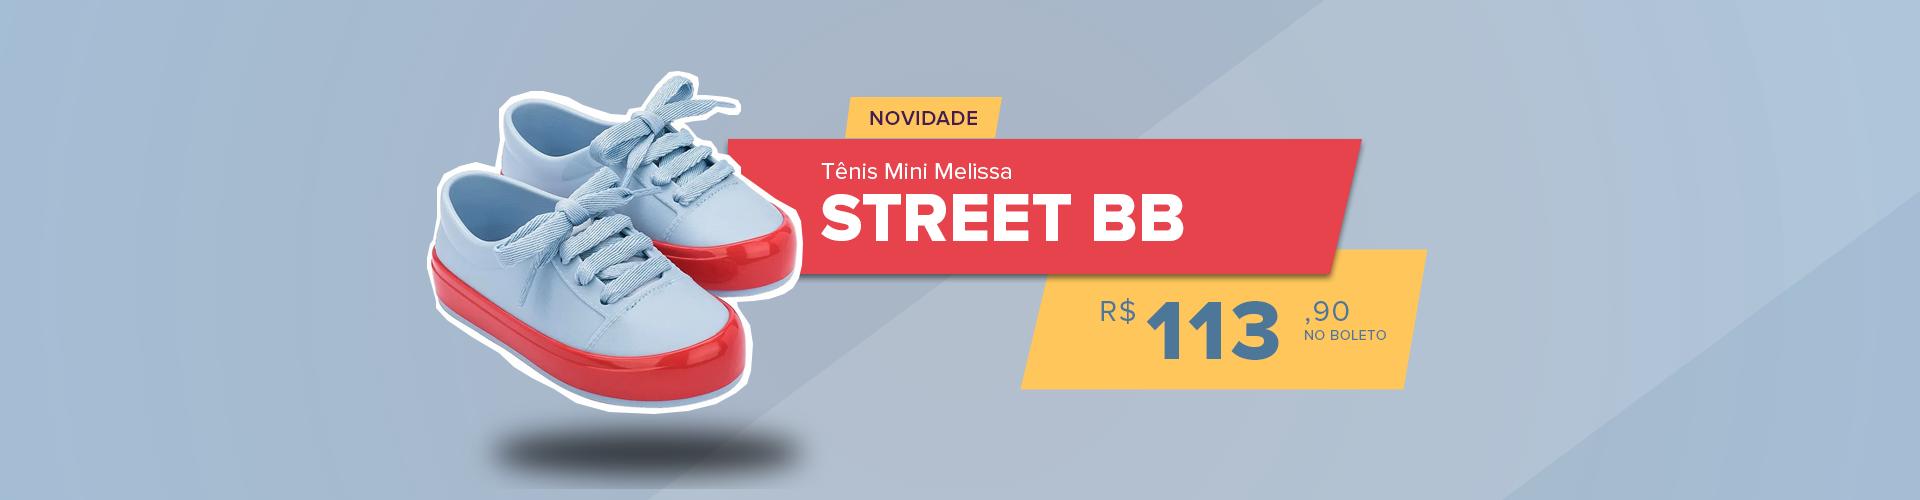 Street BB